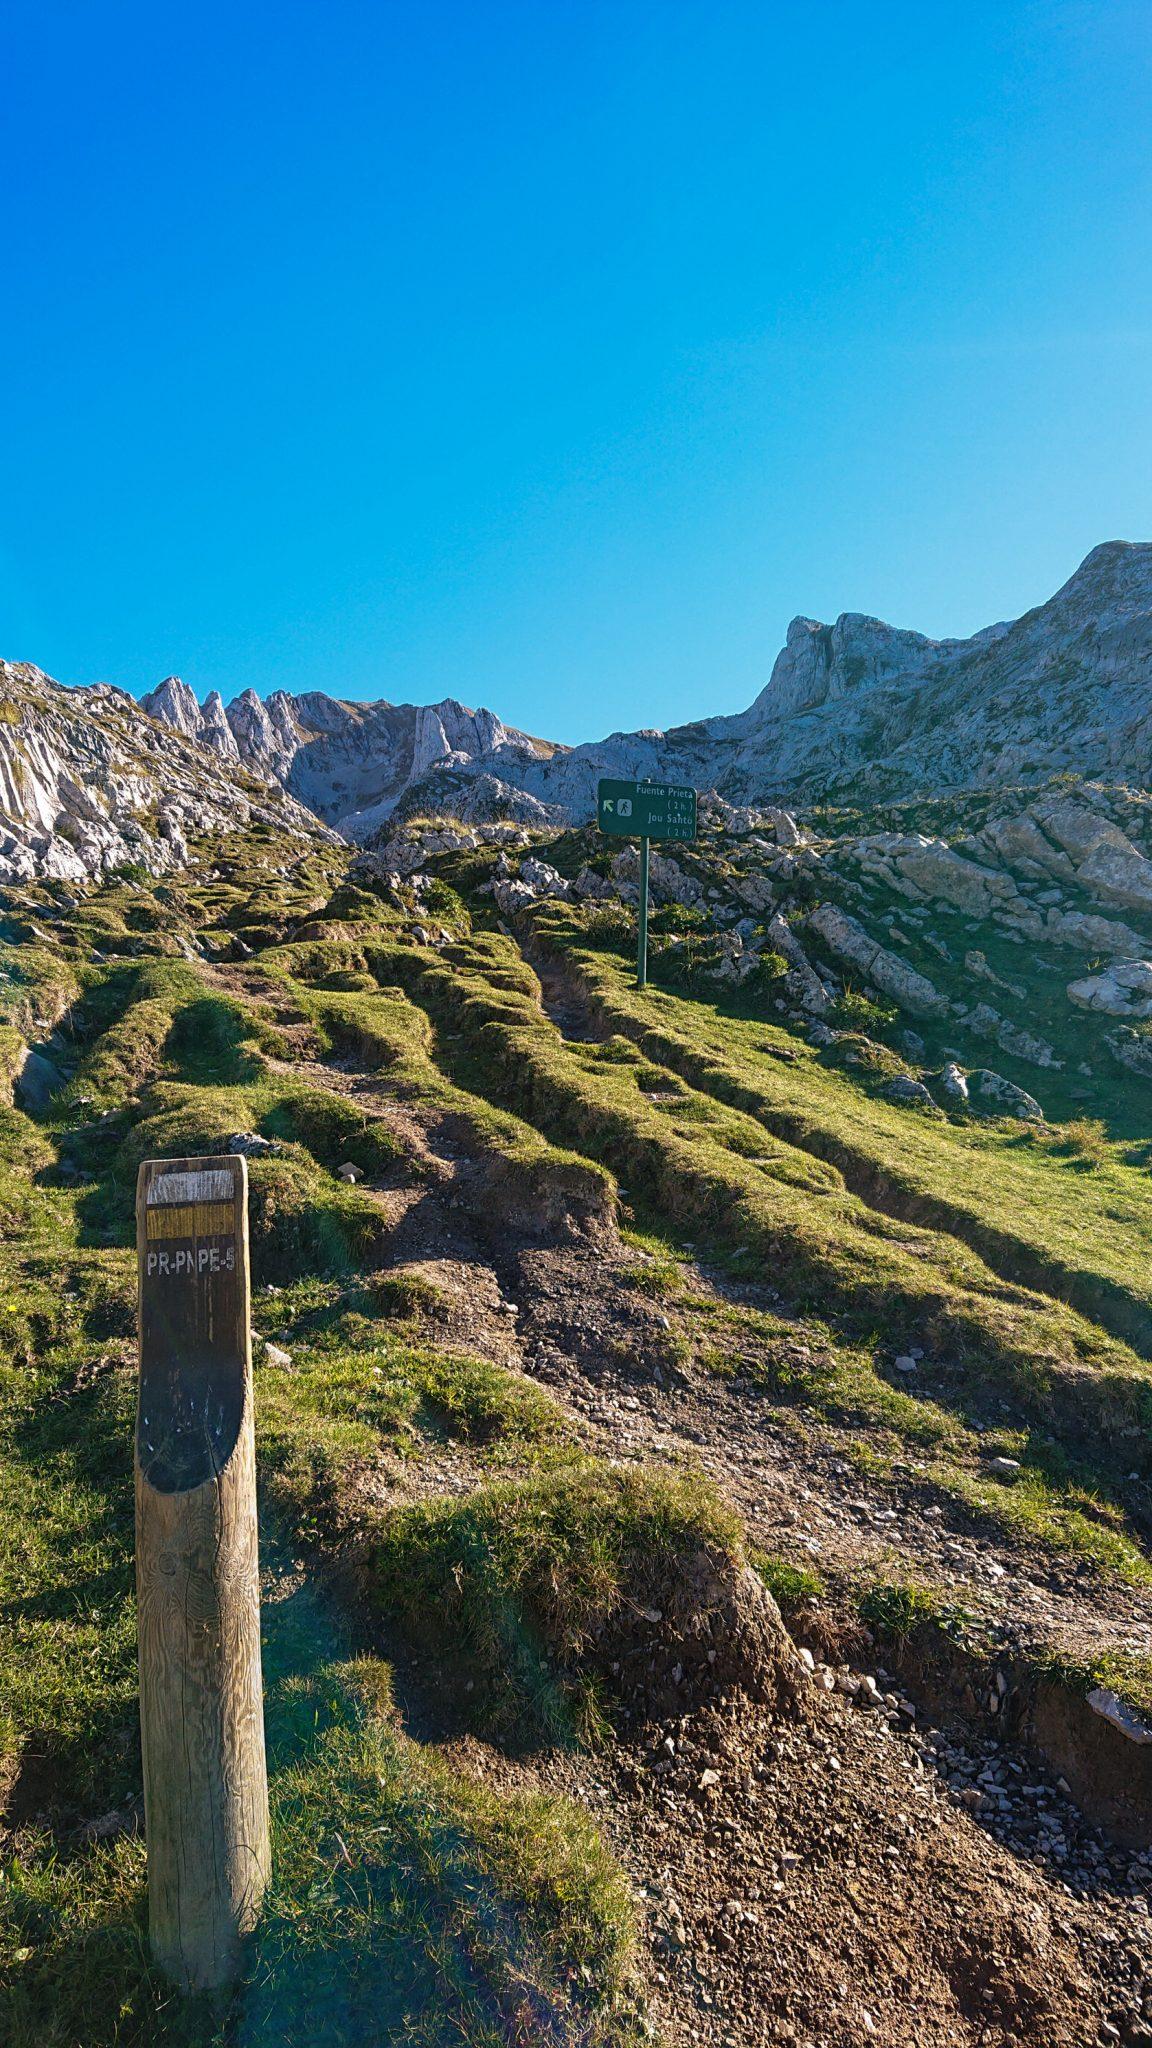 Wanderung Mirador de Ordiales Picos de Europa Spanien, schöner sehr schmaler und einsamer Wanderweg in Bergregion, Wegmarkierung gelb weiß